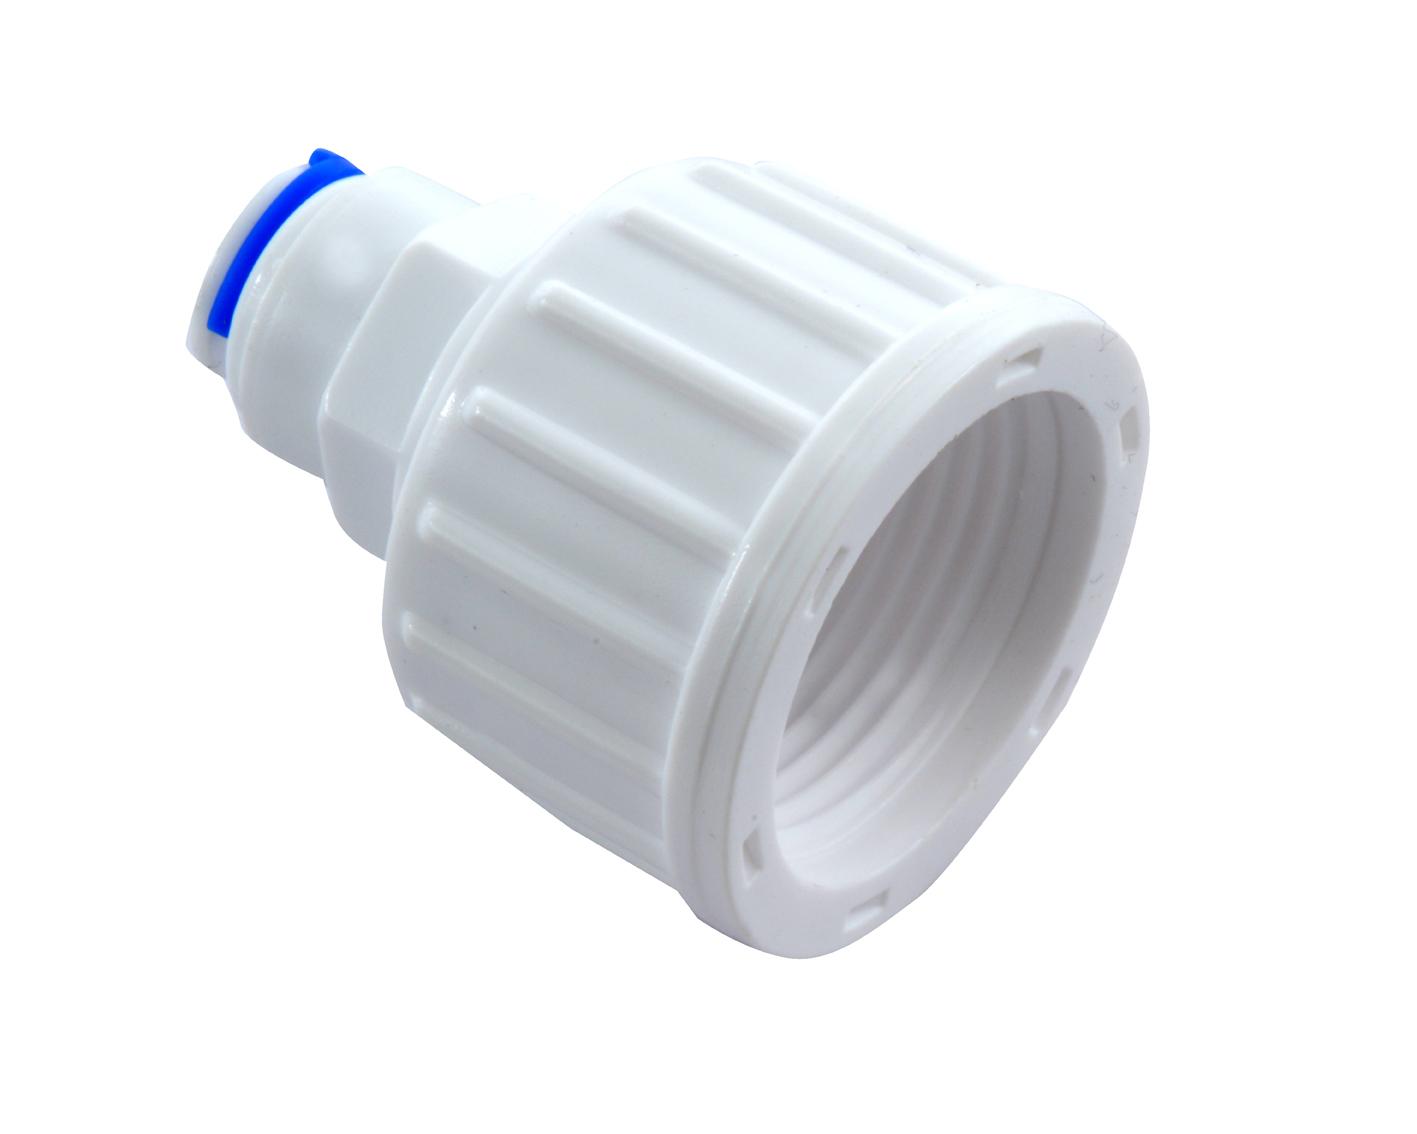 מחבר בין ברז מים 3/4 לצינור 8 ממ - מתאים לצינור תמי4